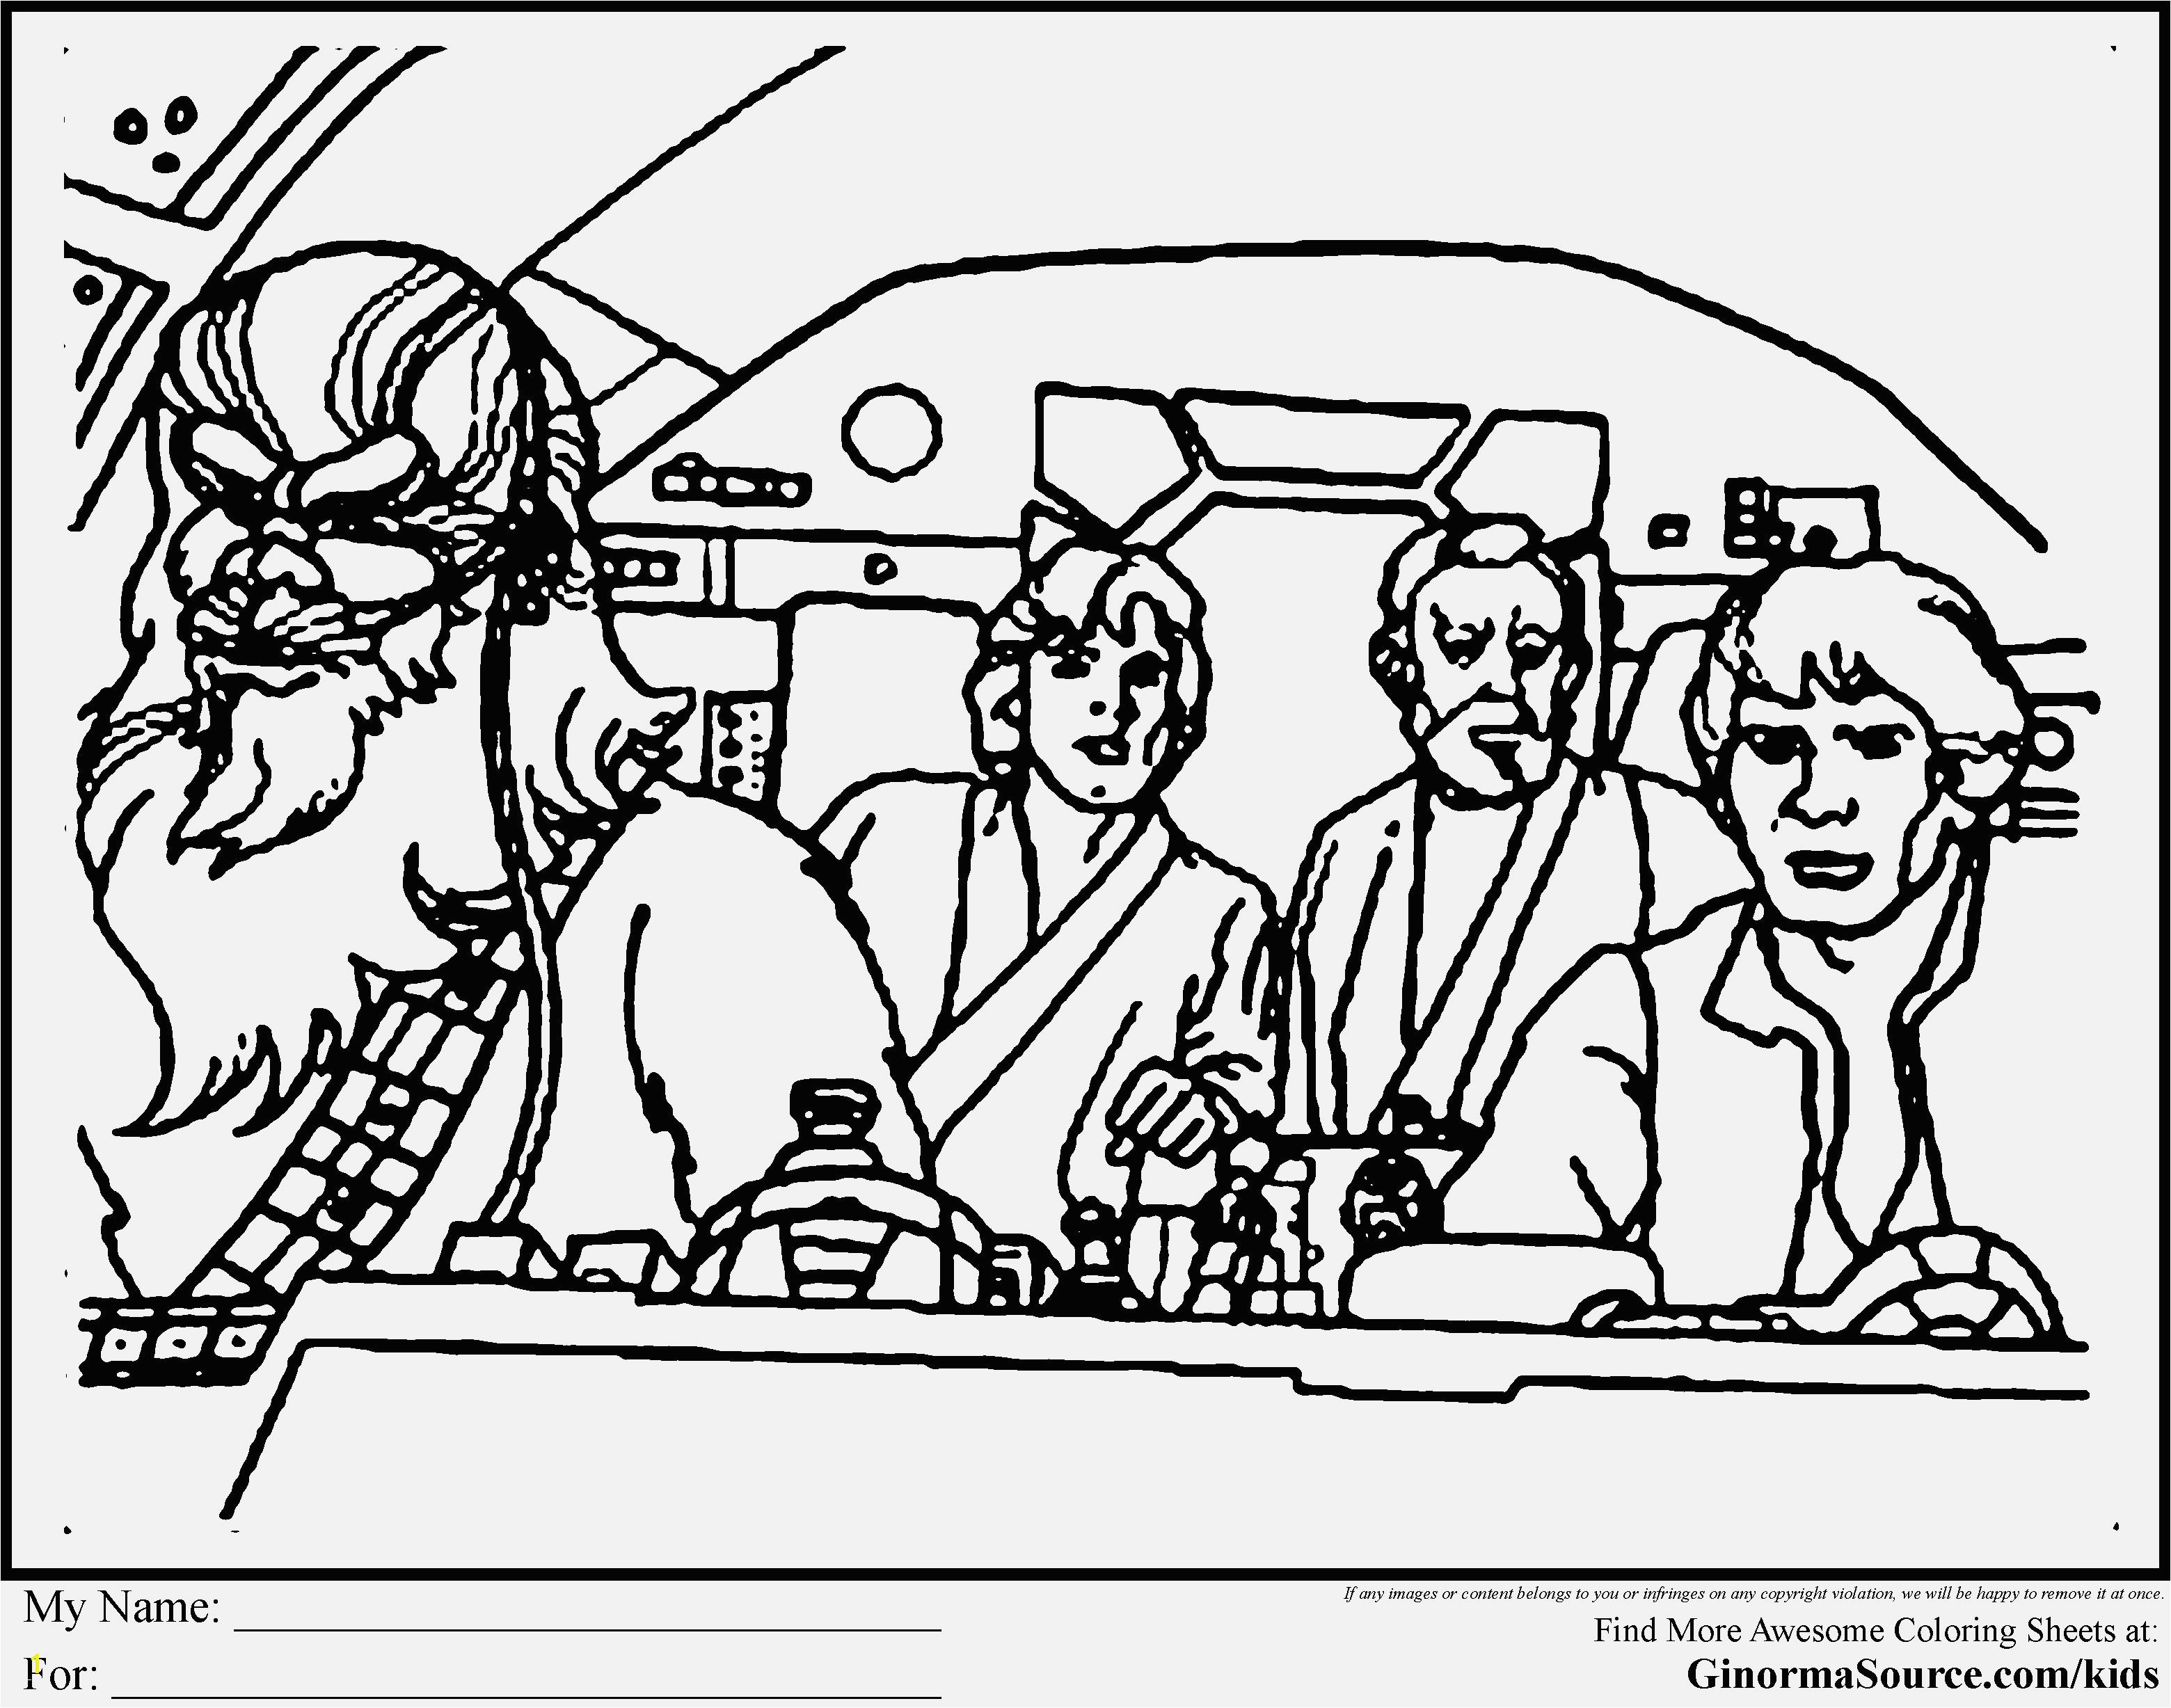 Star Wars Malvorlagen Bilder Zum Ausmalen Bekommen Star Wars Line Coloring Fresh Star Wars Luke Skywalker